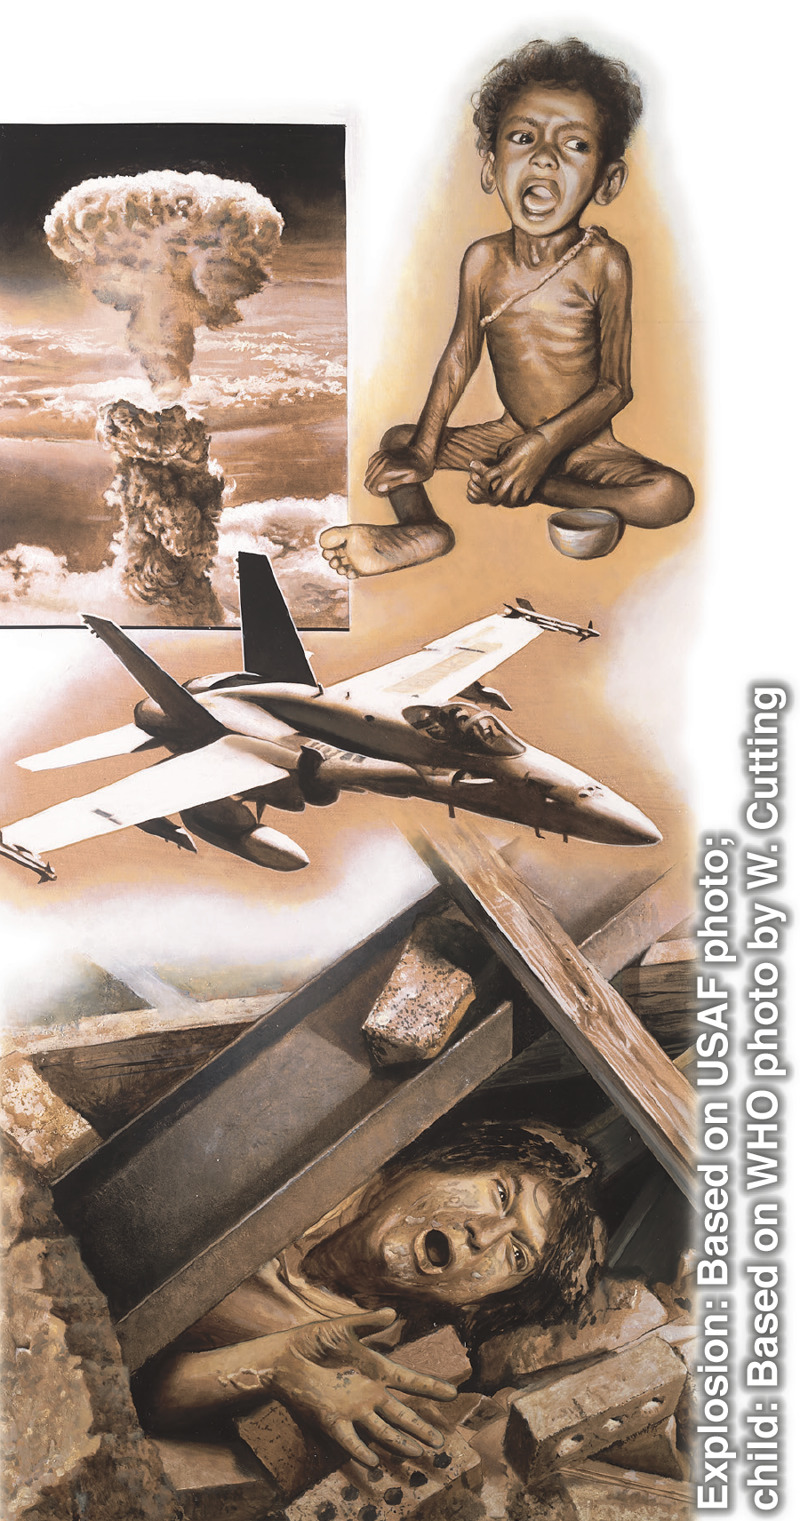 Cosas que pasarían en los últimos días: una bomba explotando, un niño pasando hambre, un avión de guerra, una persona atrapada bajo los escombros después de un terremoto